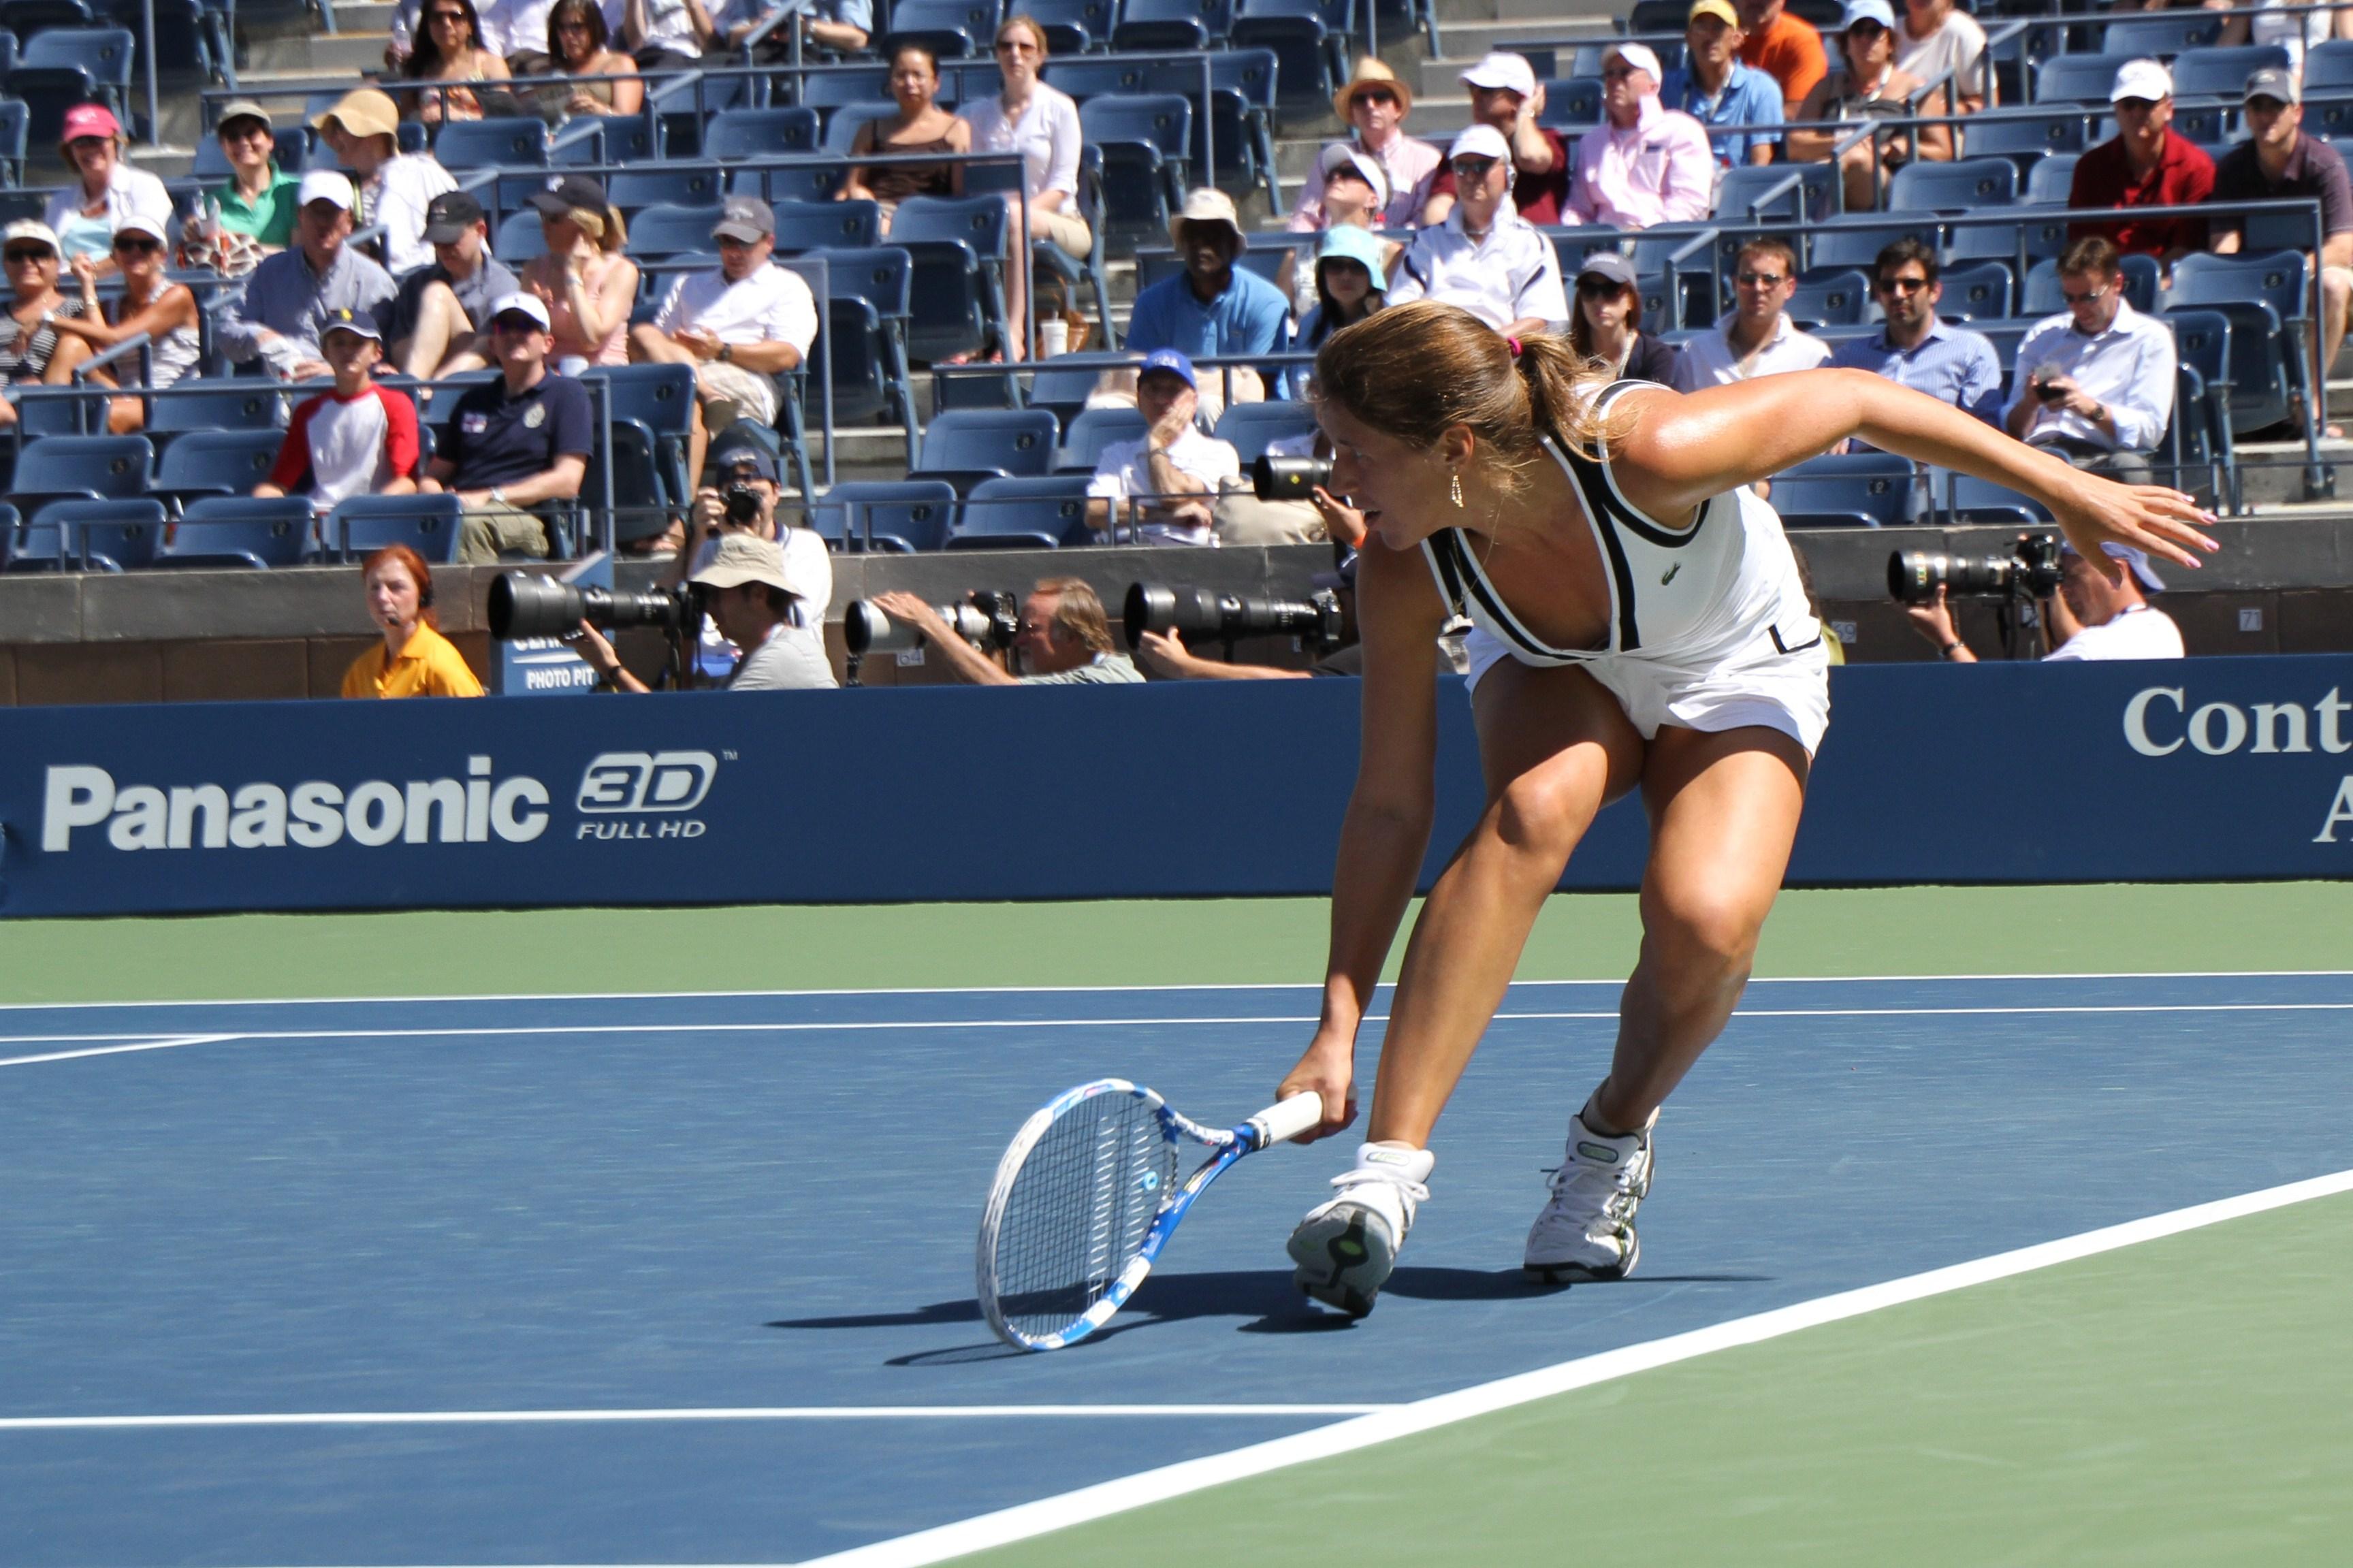 Il torneo di tennis degli US Open è il quarto e ultimo dei tornei del Grande Slam Si tiene tra agosto e settembre il torneo principale è composto da cinque